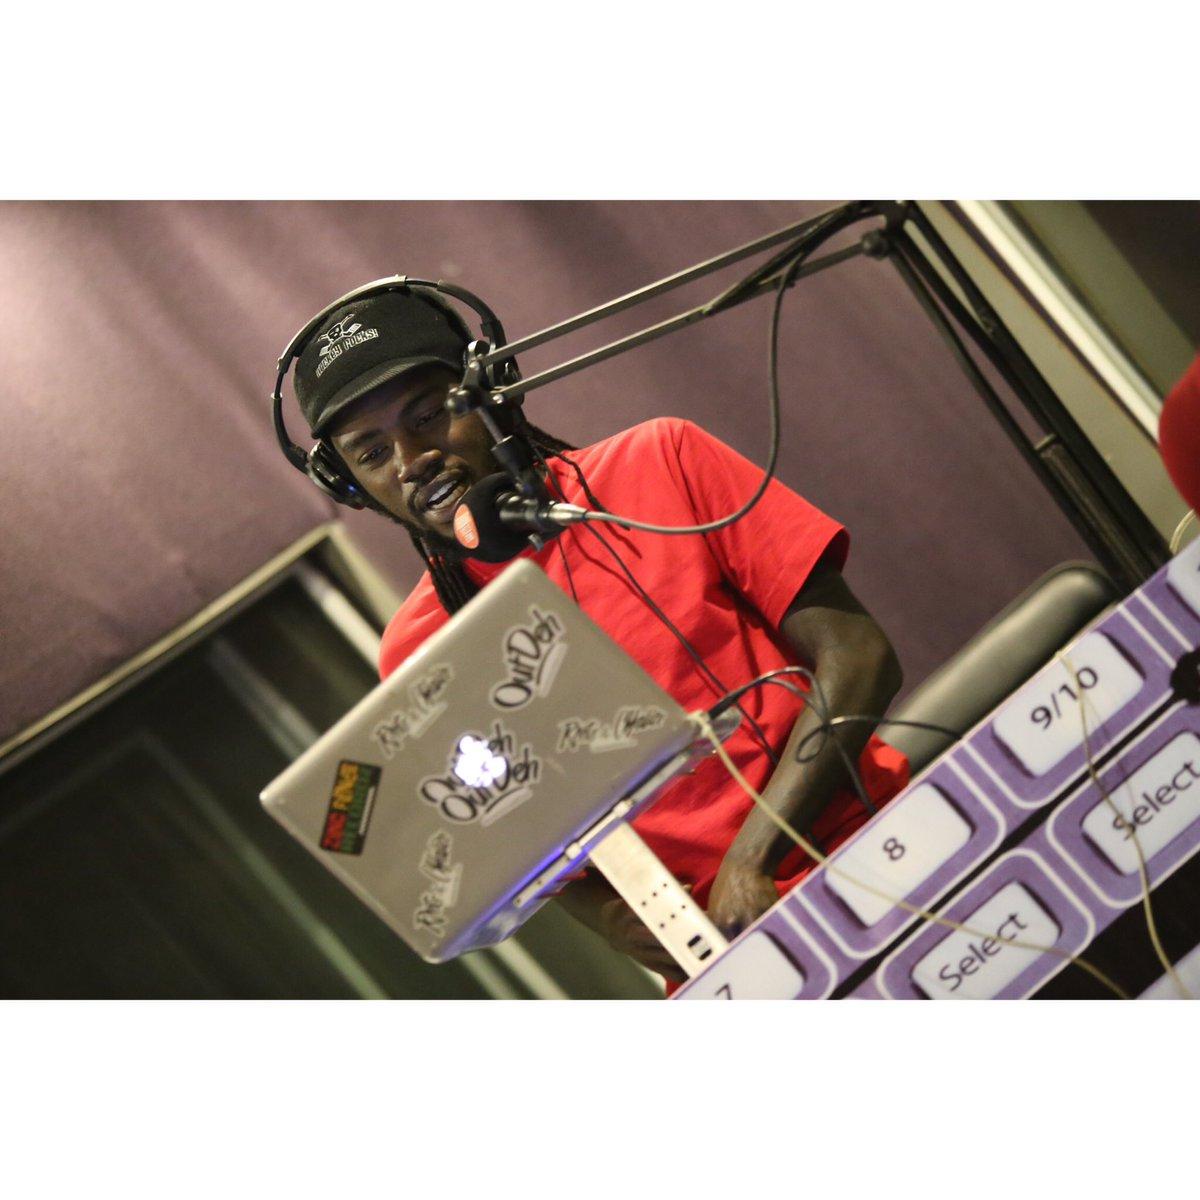 ♠️ Radio Till 12 @homeboyzradio 103.5fm >> New Music    #HenoOnHbr #UptownNights https://t.co/Dp6ahFvBGV